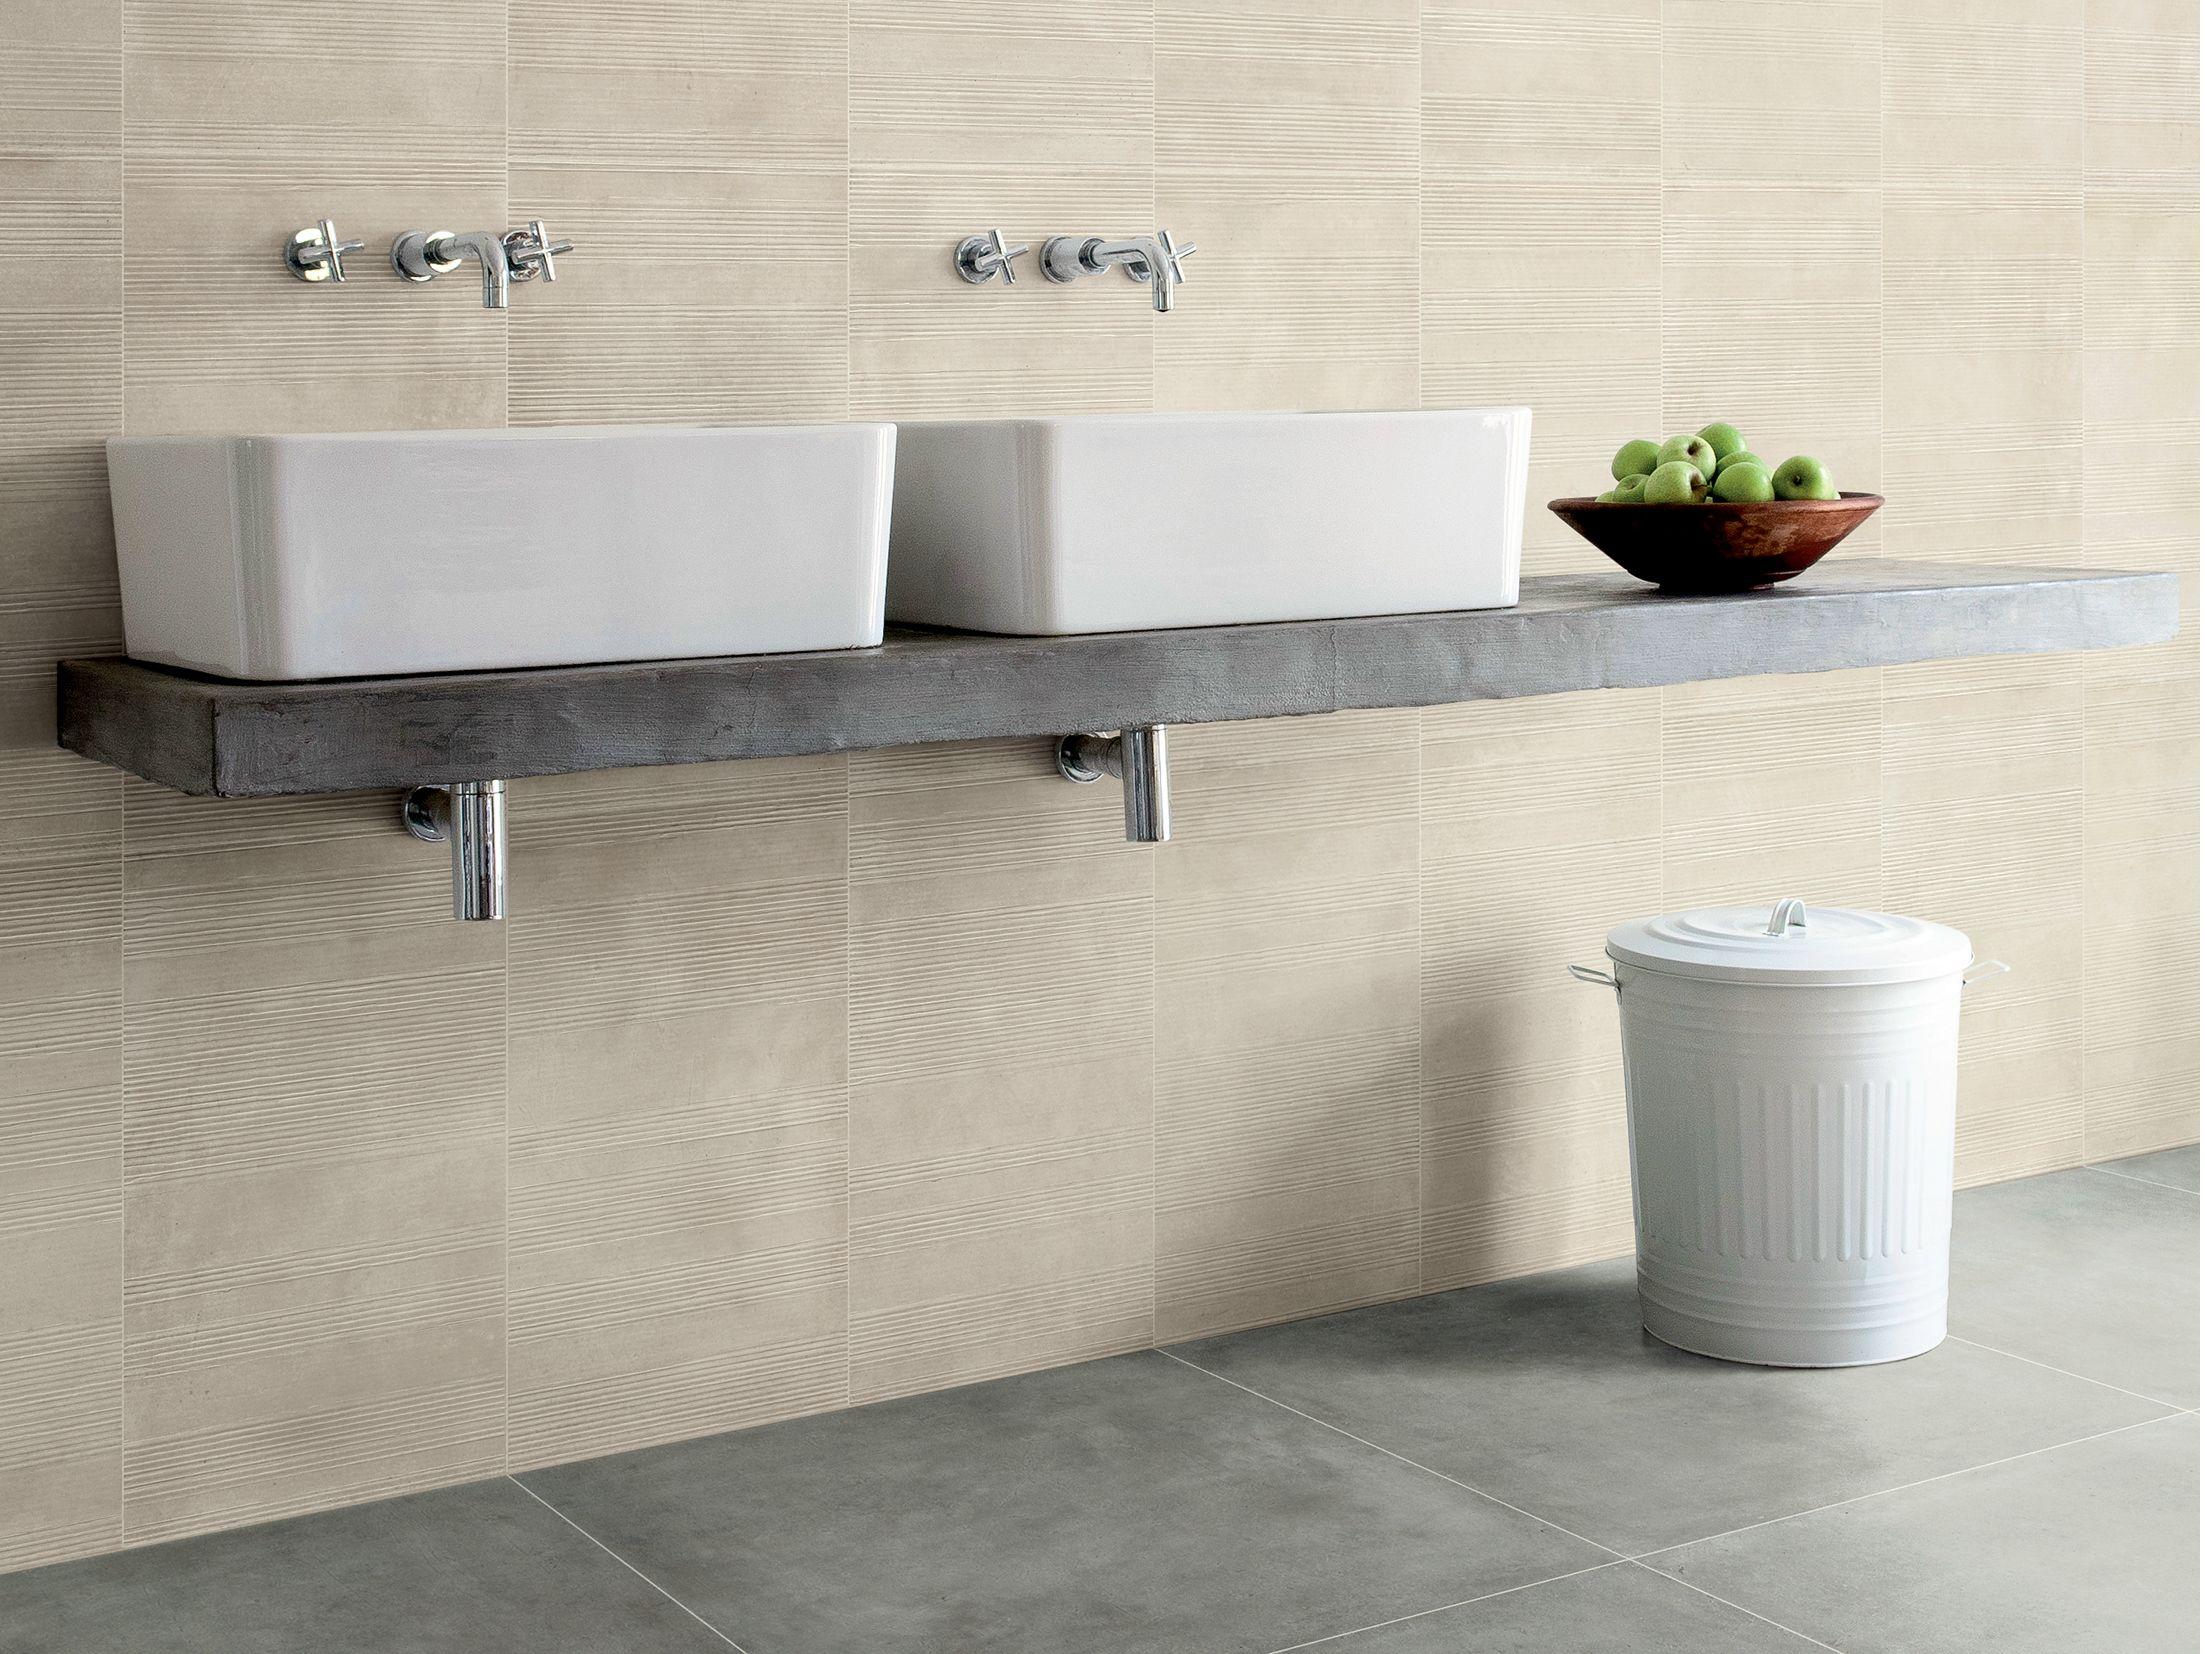 bagni in gress effetto cemento - Cerca con Google | Toilet ...